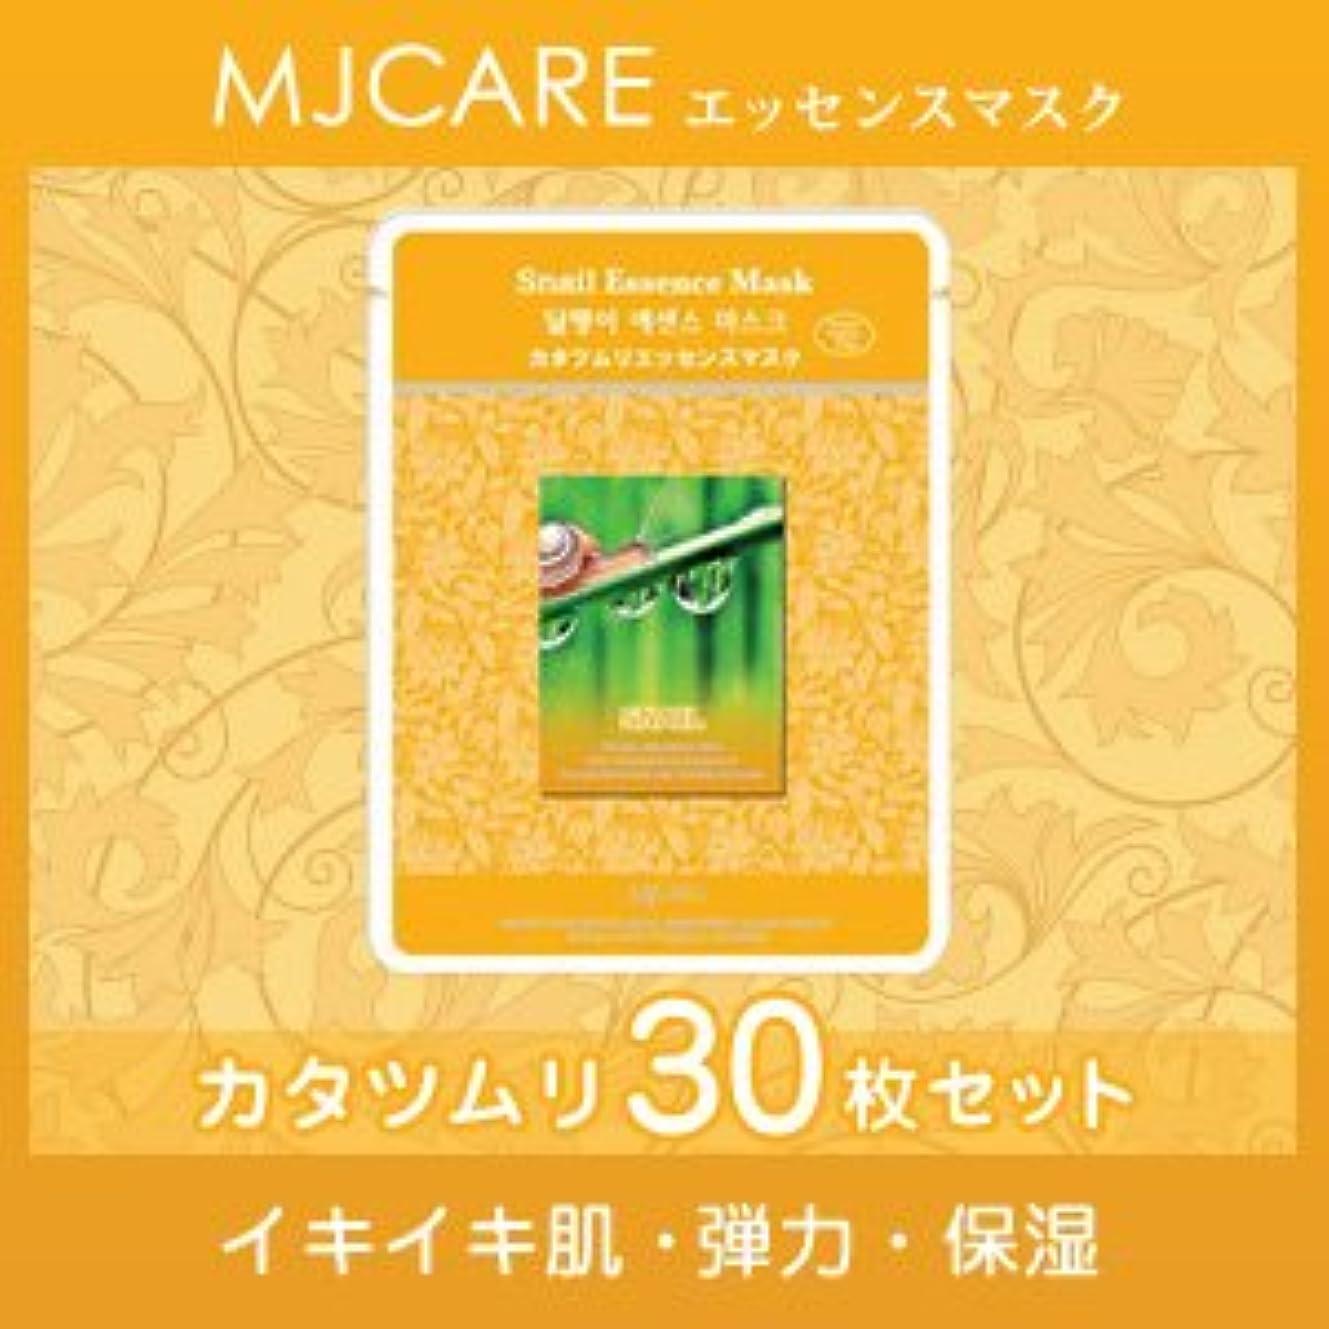 癒すオズワルド共役MJCARE (エムジェイケア) かたつむり エッセンスマスク 30セット